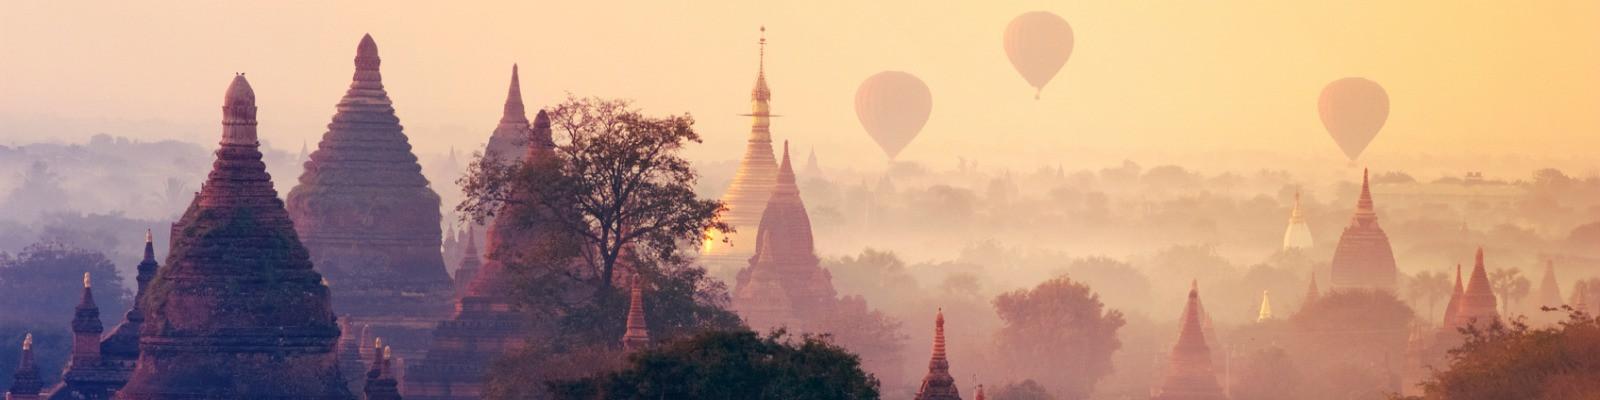 Tempel in Myanmar